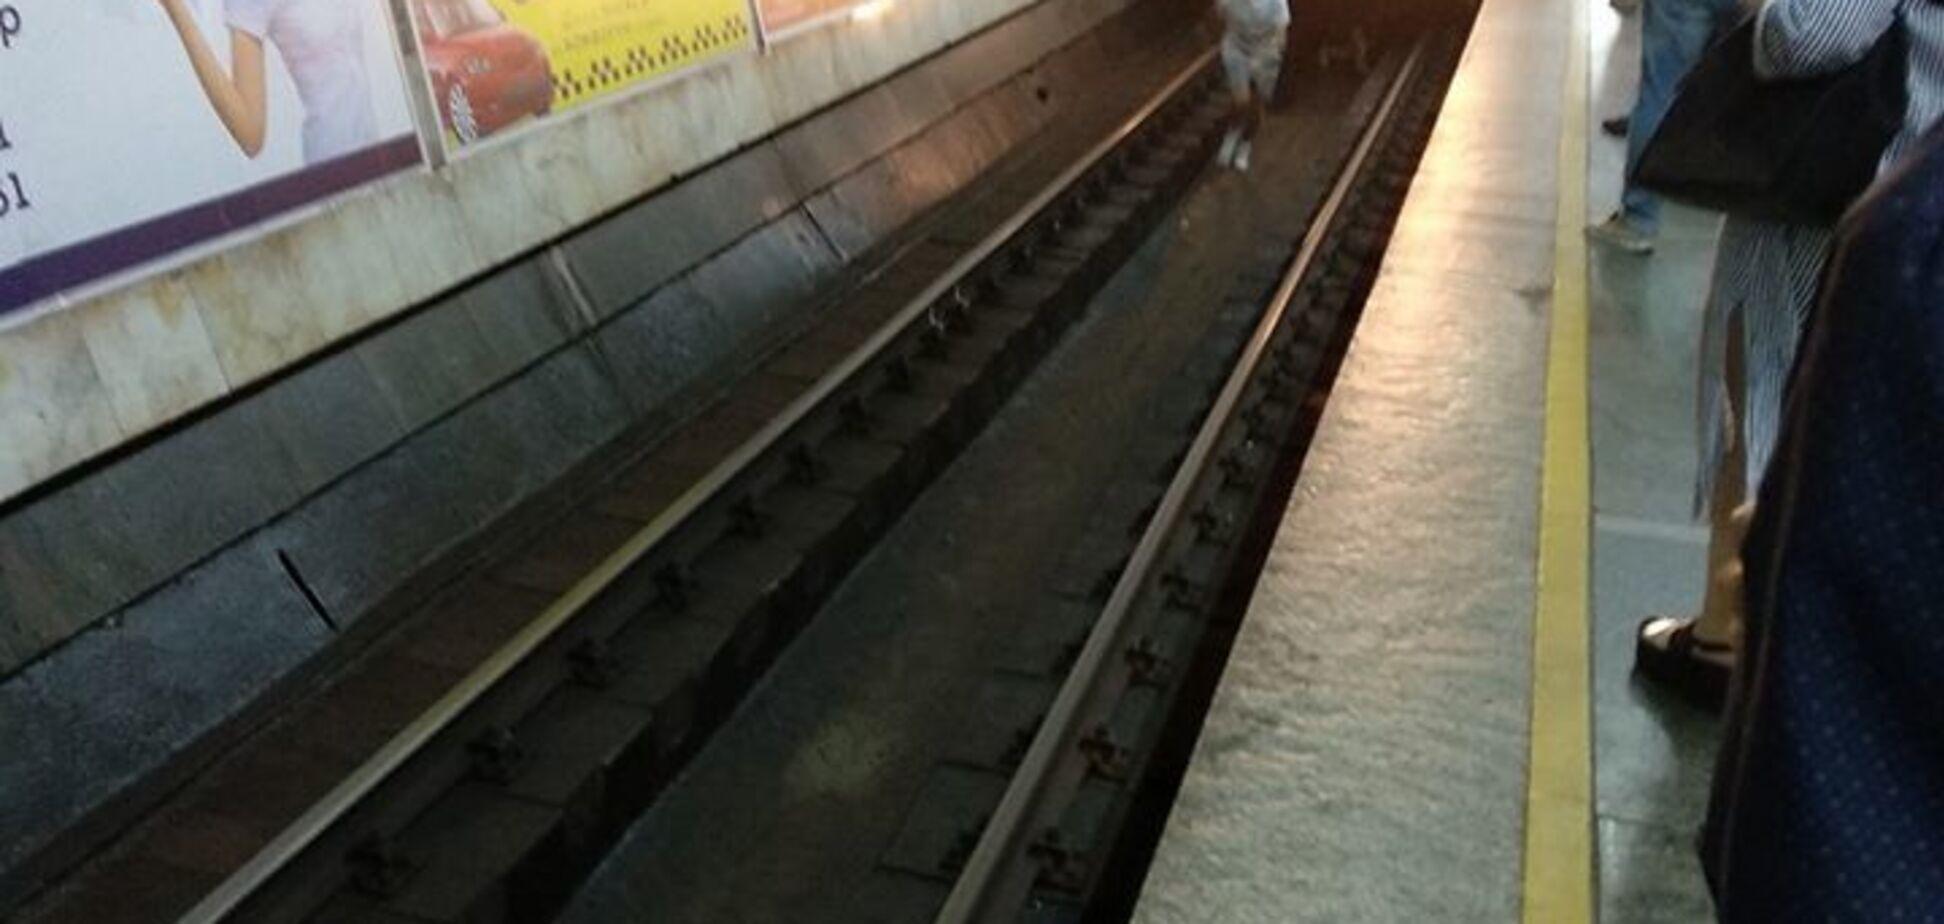 Діти стрибнули під потяг: з'явилося відео НП в київському метро